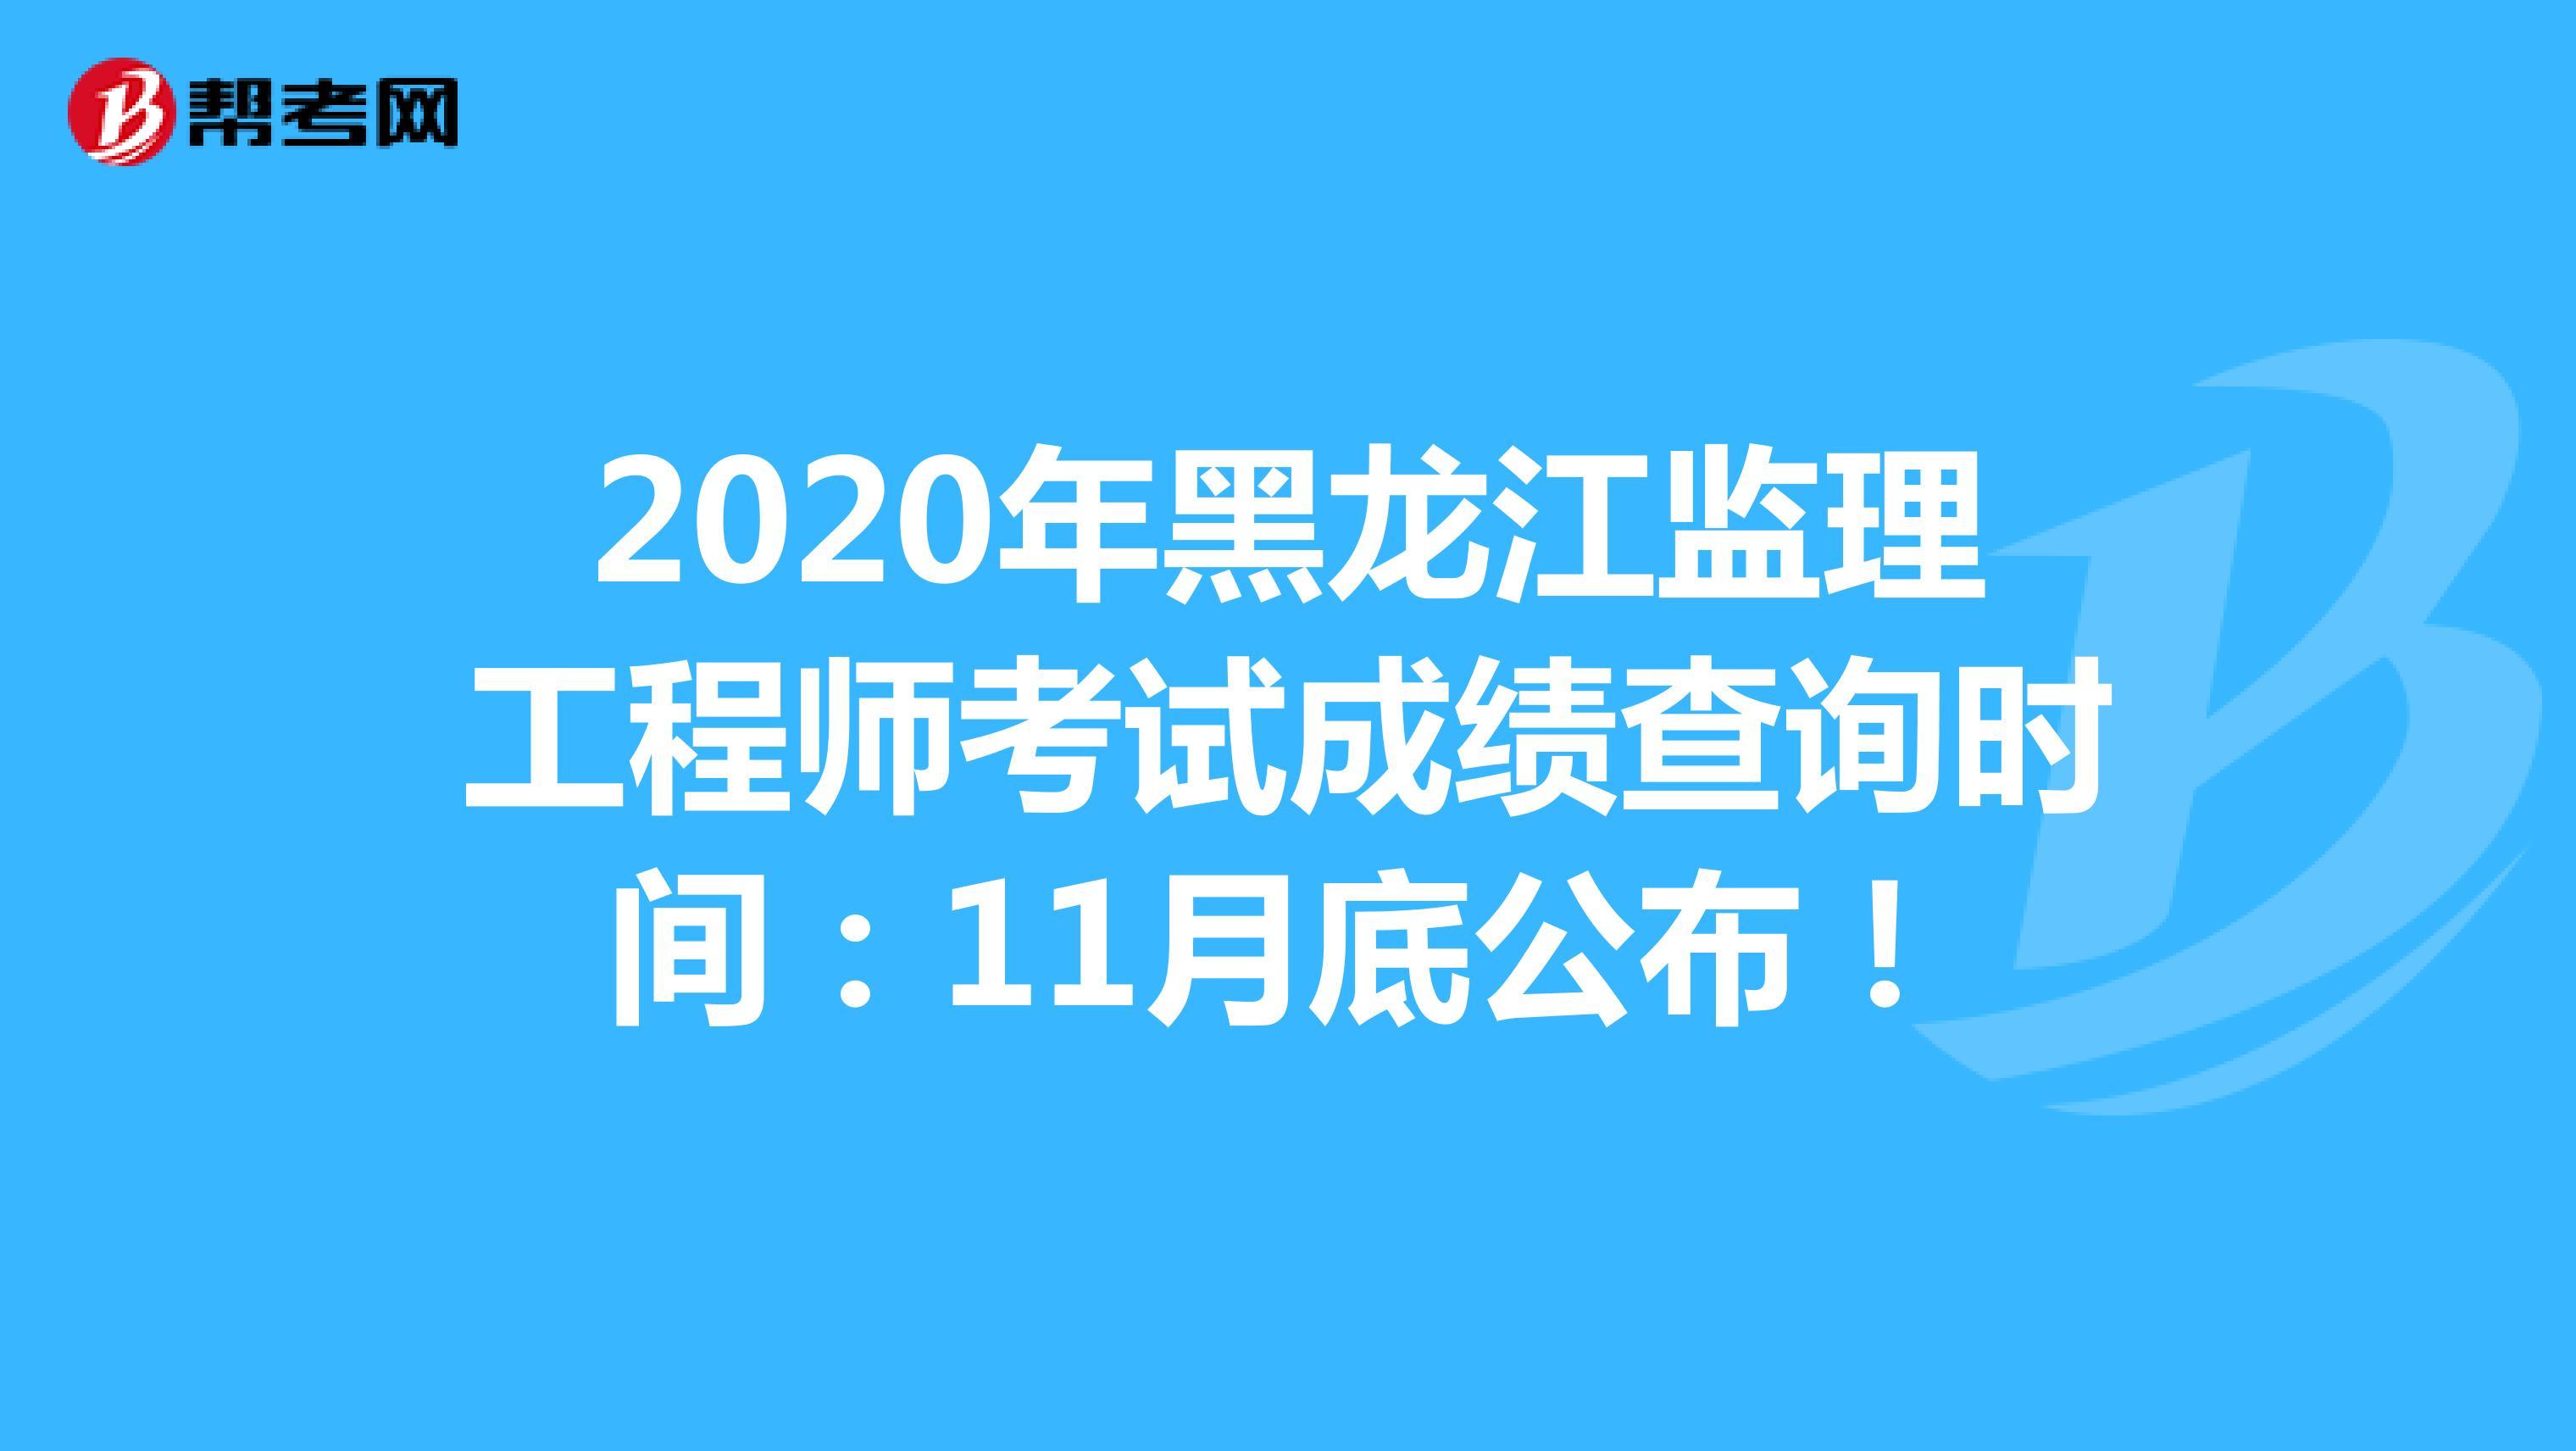 2020年黑龙江监理工程师考试成绩查询时间:11月底公布!